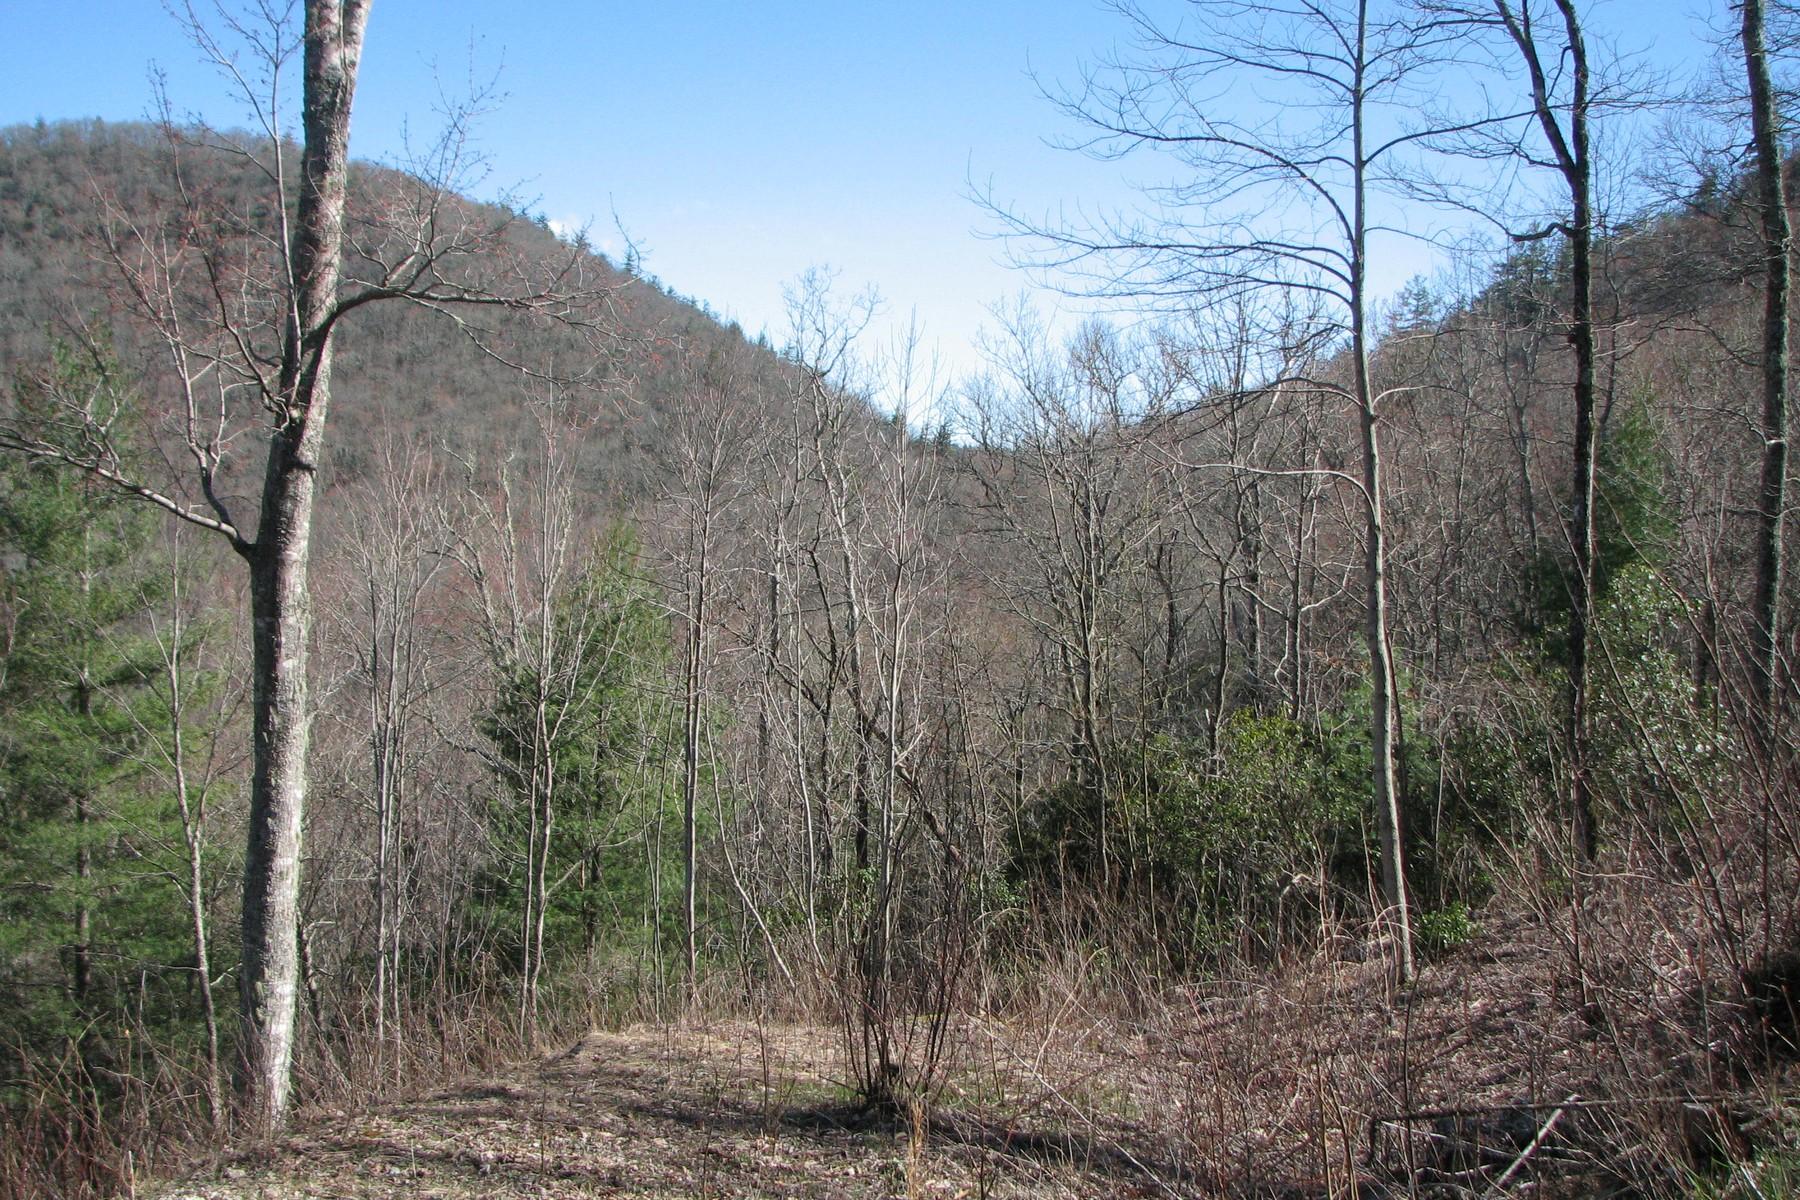 Land for Sale at The Ridges of Highlands Lot 5 Historic Highlands Drive, Highlands, North Carolina, 28741 United States